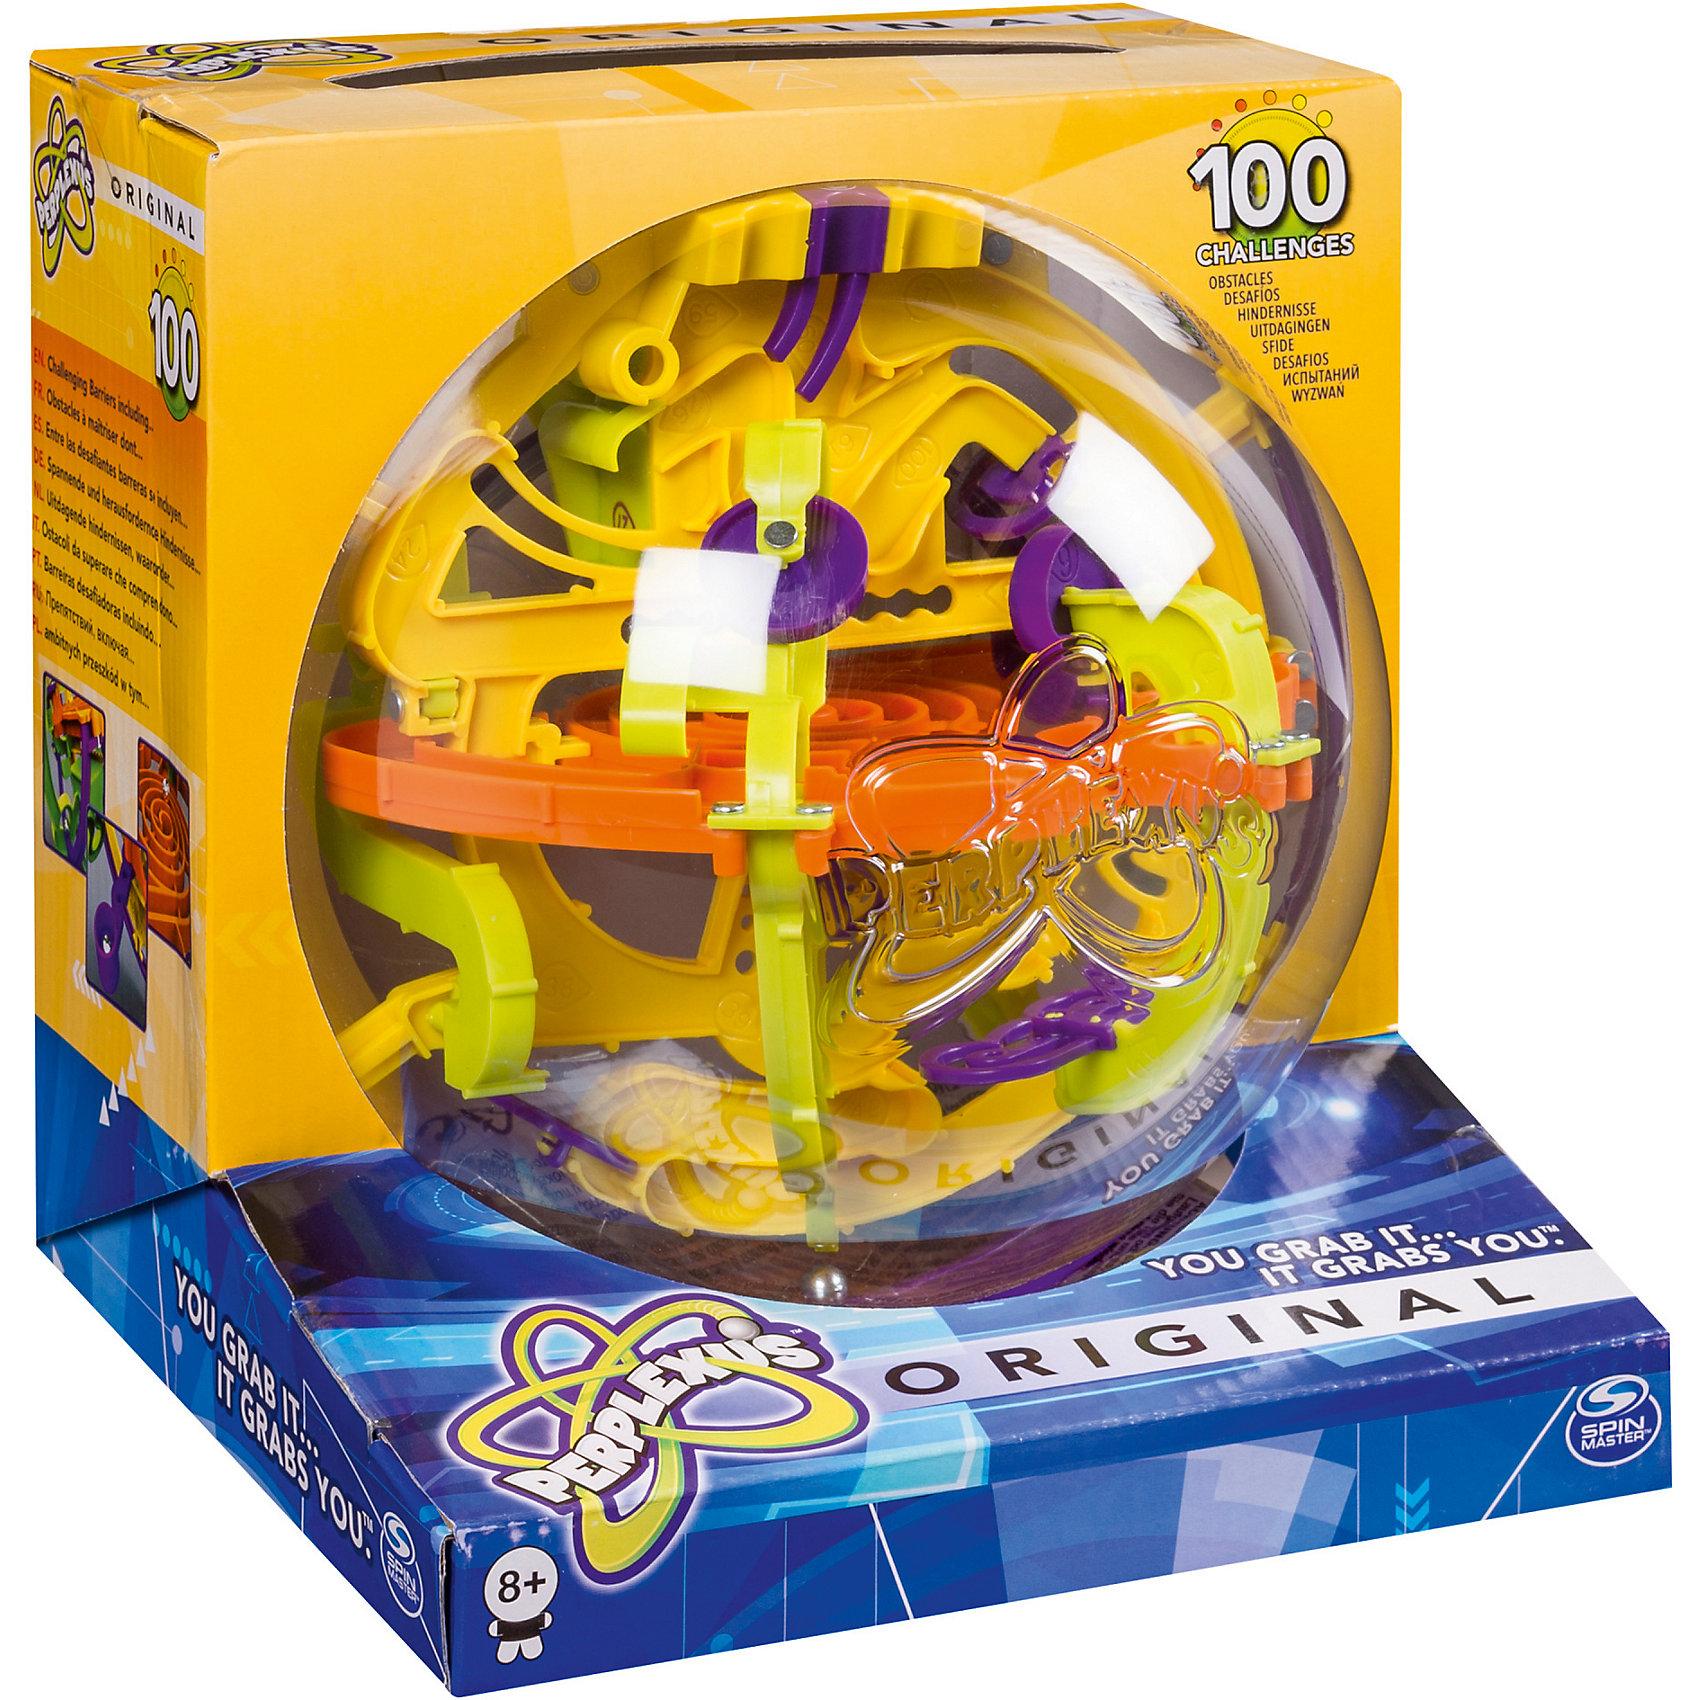 Головоломка Perplexus Original, 100 барьеров, Spin MasterГоловоломки<br>Головоломка Perplexus Original, 100 барьеров, Spin Master – шар-лабиринт со множеством препятствий, переходов и барьеров. Эта трехмерная головоломка насчитывает около 100 шагов. Цель игры — прокатить маленький металлический шарик внутри большой сферы через все препятствия, поворачивая сферу-лабиринт. Игрушка способствует развитию логики, внимательности и усидчивости, пространственного мышления.<br><br>Такому отменному подарку обязательно будет рад ваш ребенок! <br><br>Дополнительная информация:<br><br>- Размер упаковки (ДхШхВ), см: 19,5 х 20,0 х 18,5<br>- Диаметр шара: около 20 см.<br>- Вес: 520 г.<br><br>Головоломку Perplexus Original, 100 барьеров, Spin Master можно купить в нашем интернет-магазине<br><br>Ширина мм: 228<br>Глубина мм: 205<br>Высота мм: 187<br>Вес г: 379<br>Возраст от месяцев: 72<br>Возраст до месяцев: 144<br>Пол: Унисекс<br>Возраст: Детский<br>SKU: 3218658